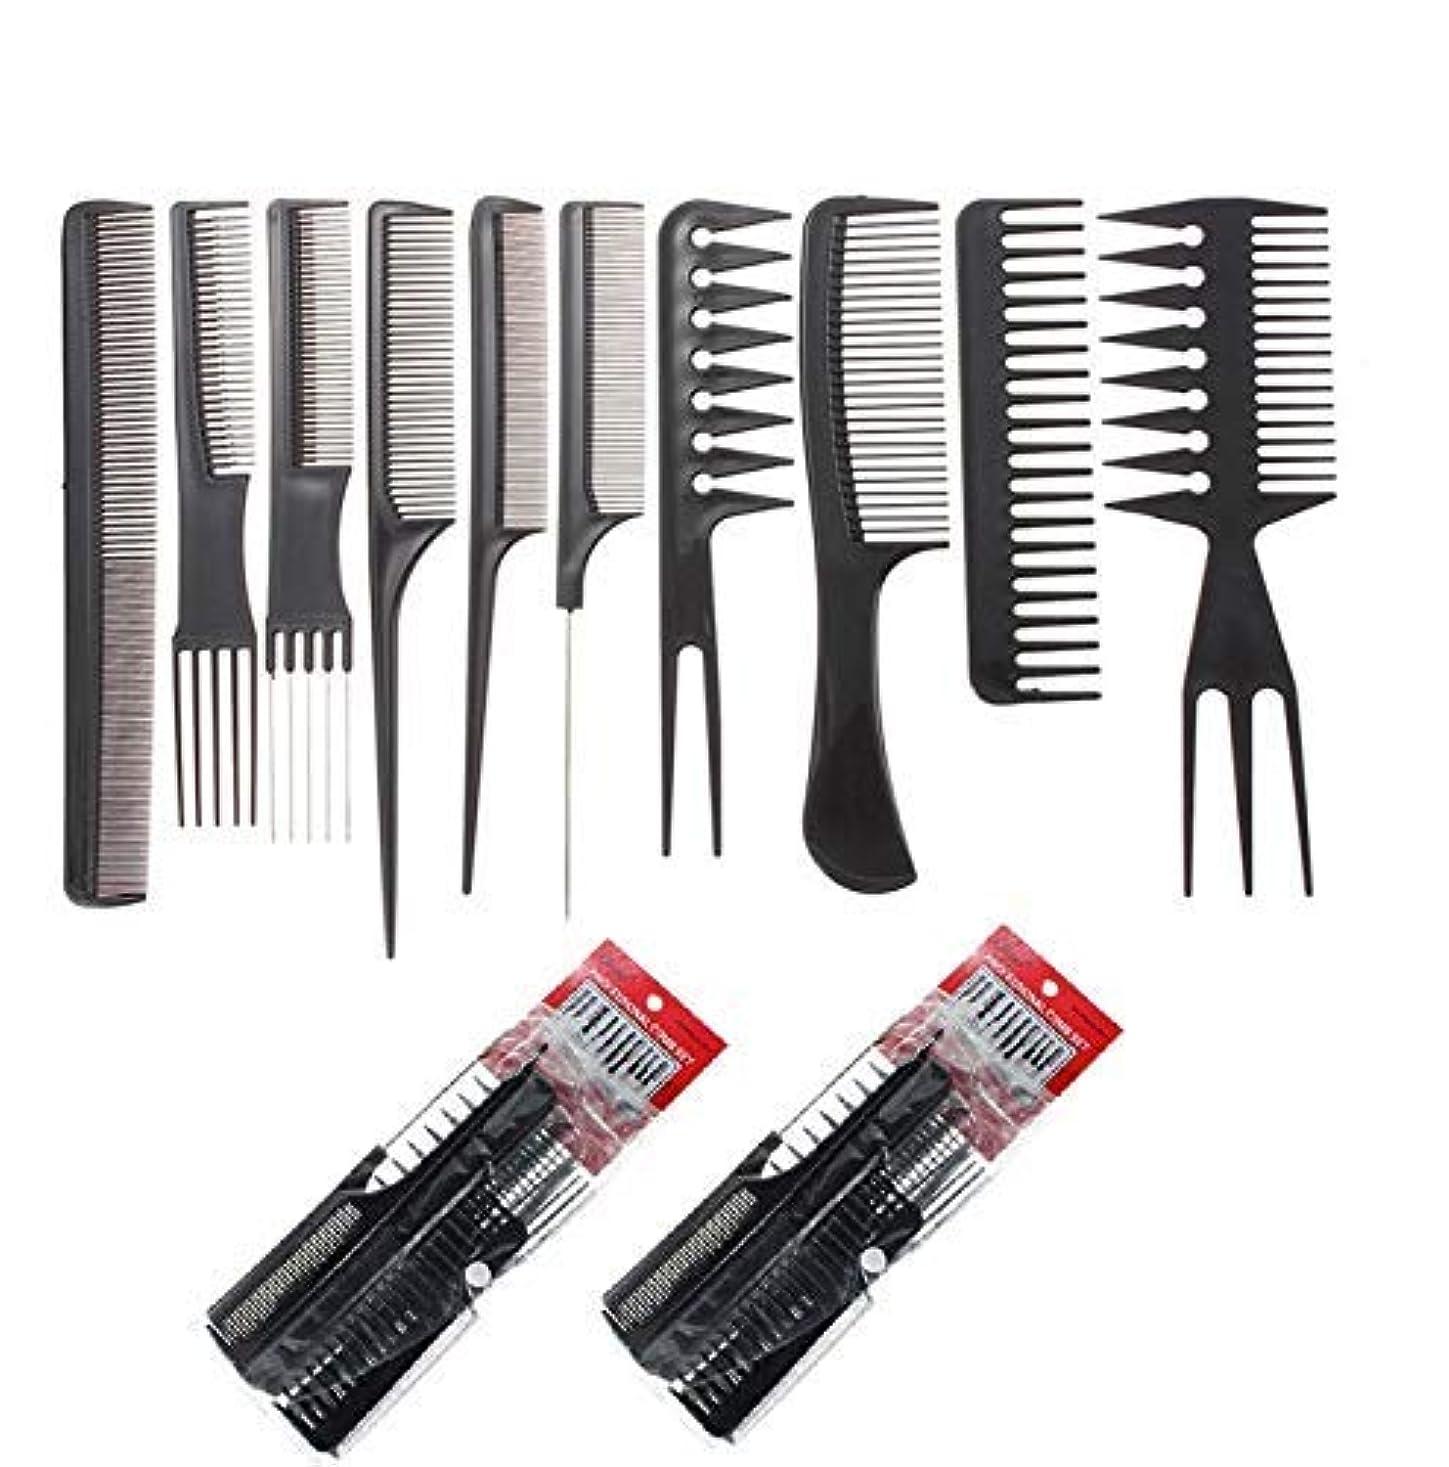 仕様扱いやすい料理をするSBYURE 20pcs Professional Styling Comb Set,10pcs/Set,2 Set Salon Hairdressing Combs Hair Care Styling Tools Hair...